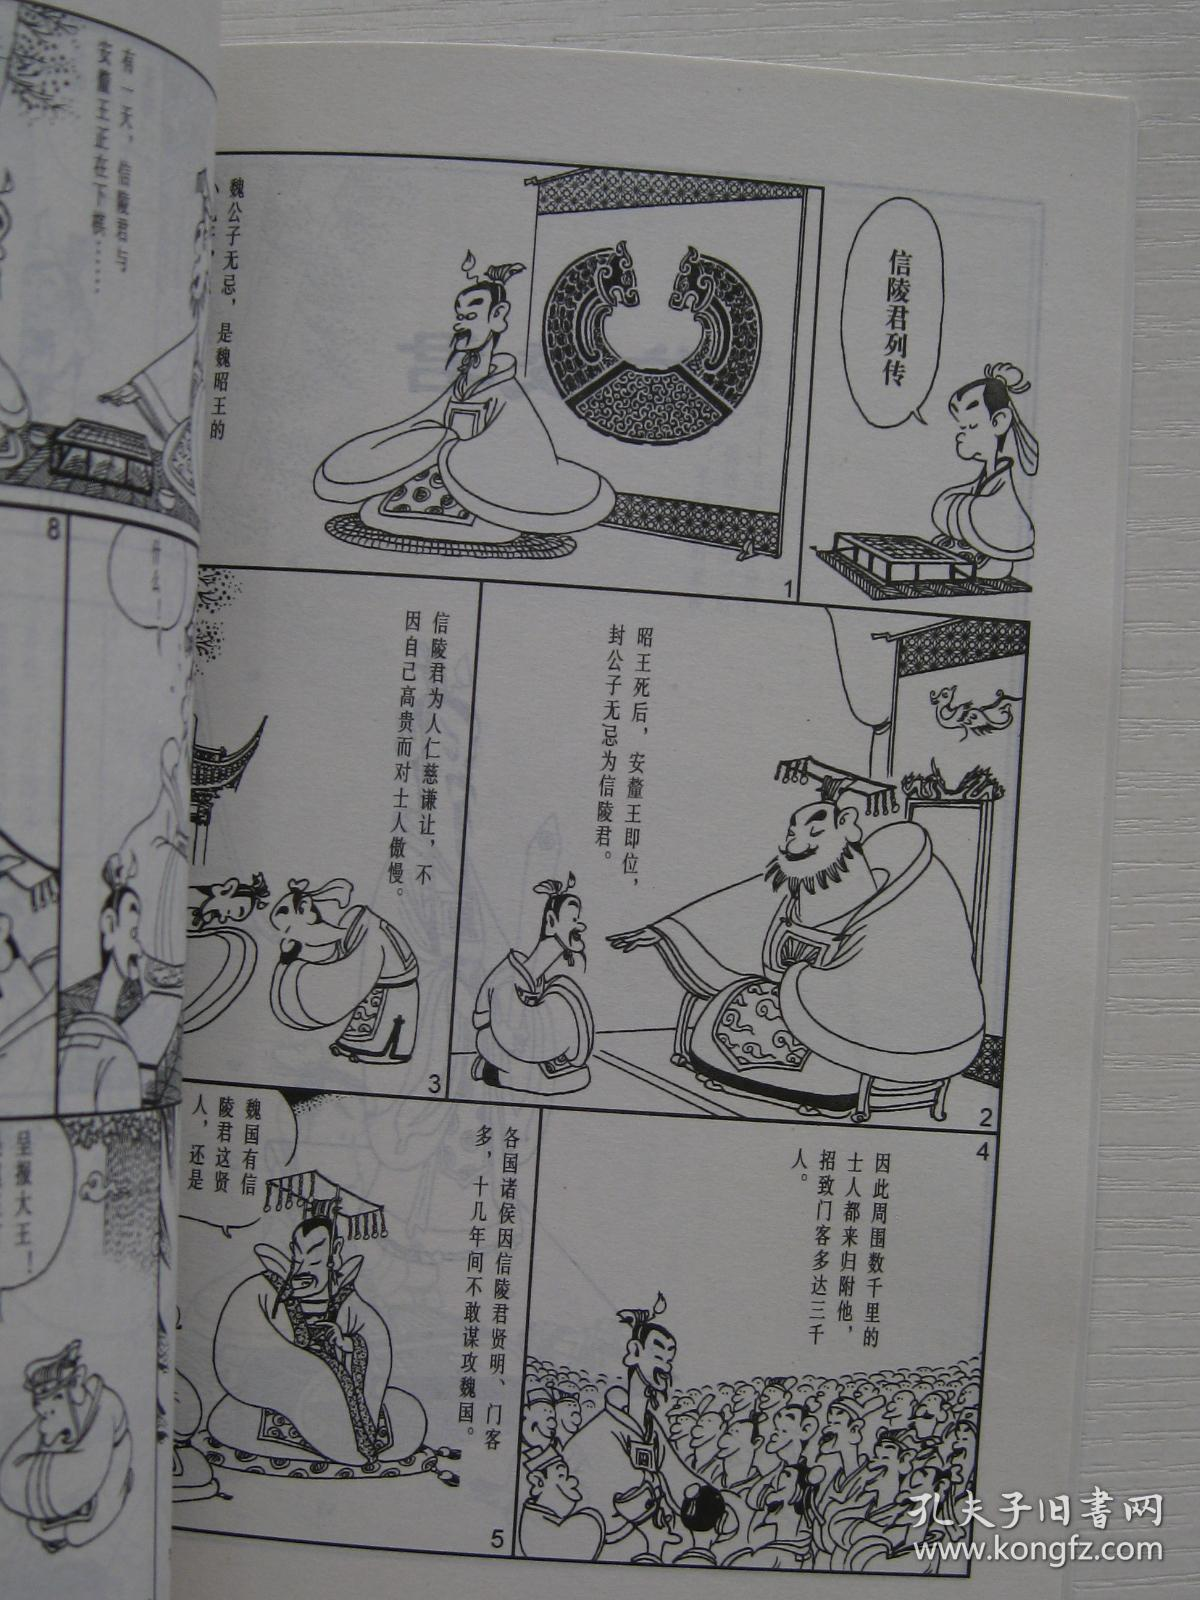 蔡志忠古典漫画:庄子说自然的萧声·老子说智者的低语,六朝怪谈奇幻